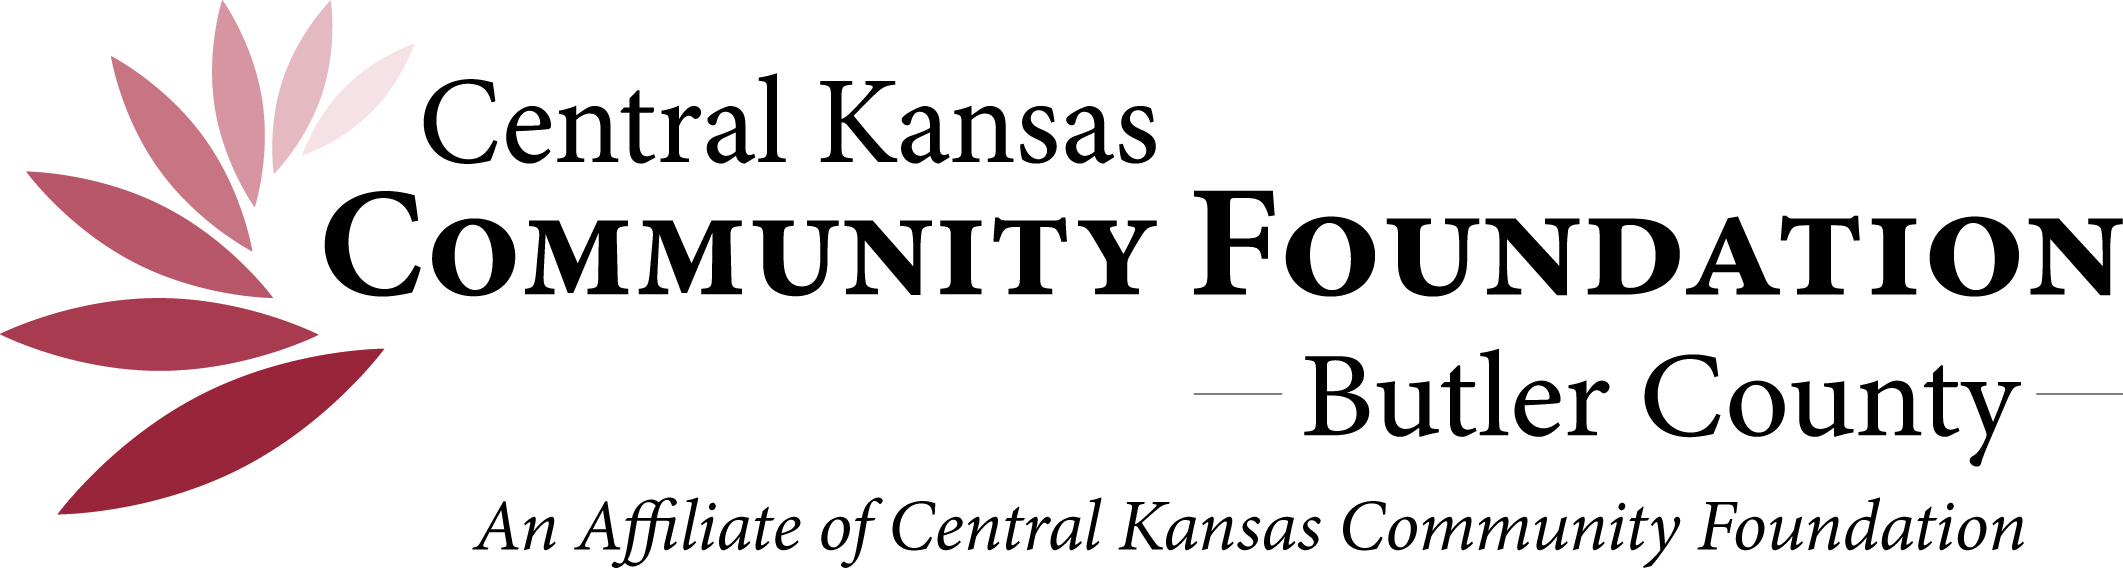 butler county logo